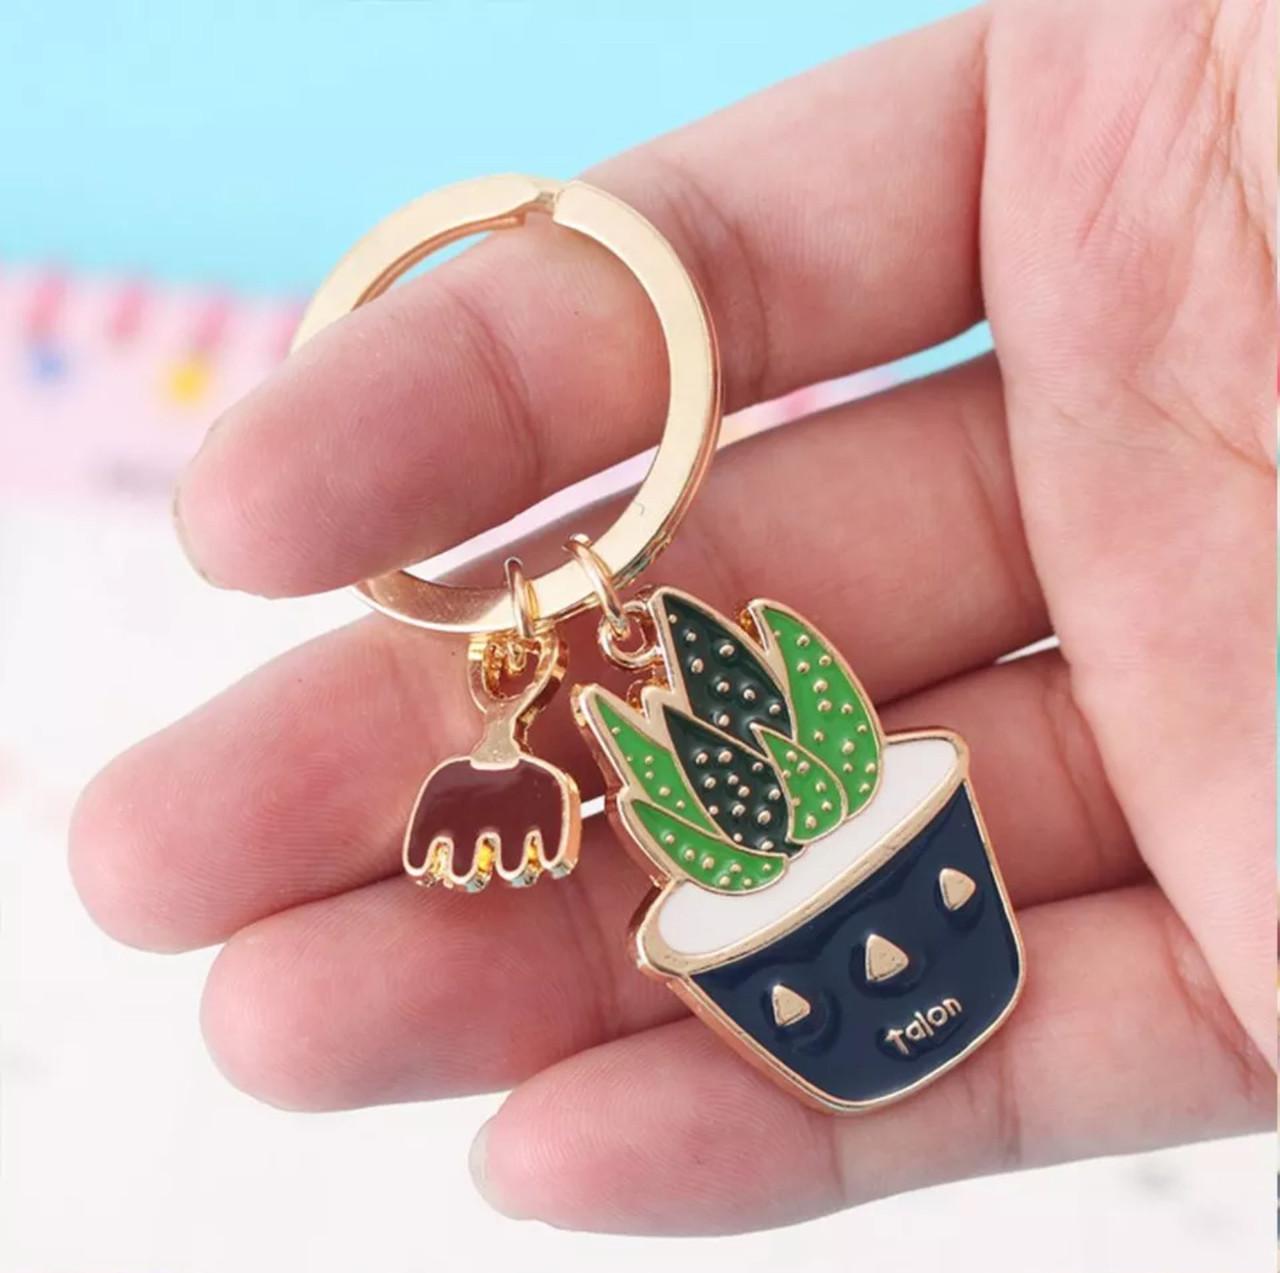 Стильный брелок для ключей в форме растения «Кактус» (грабли)